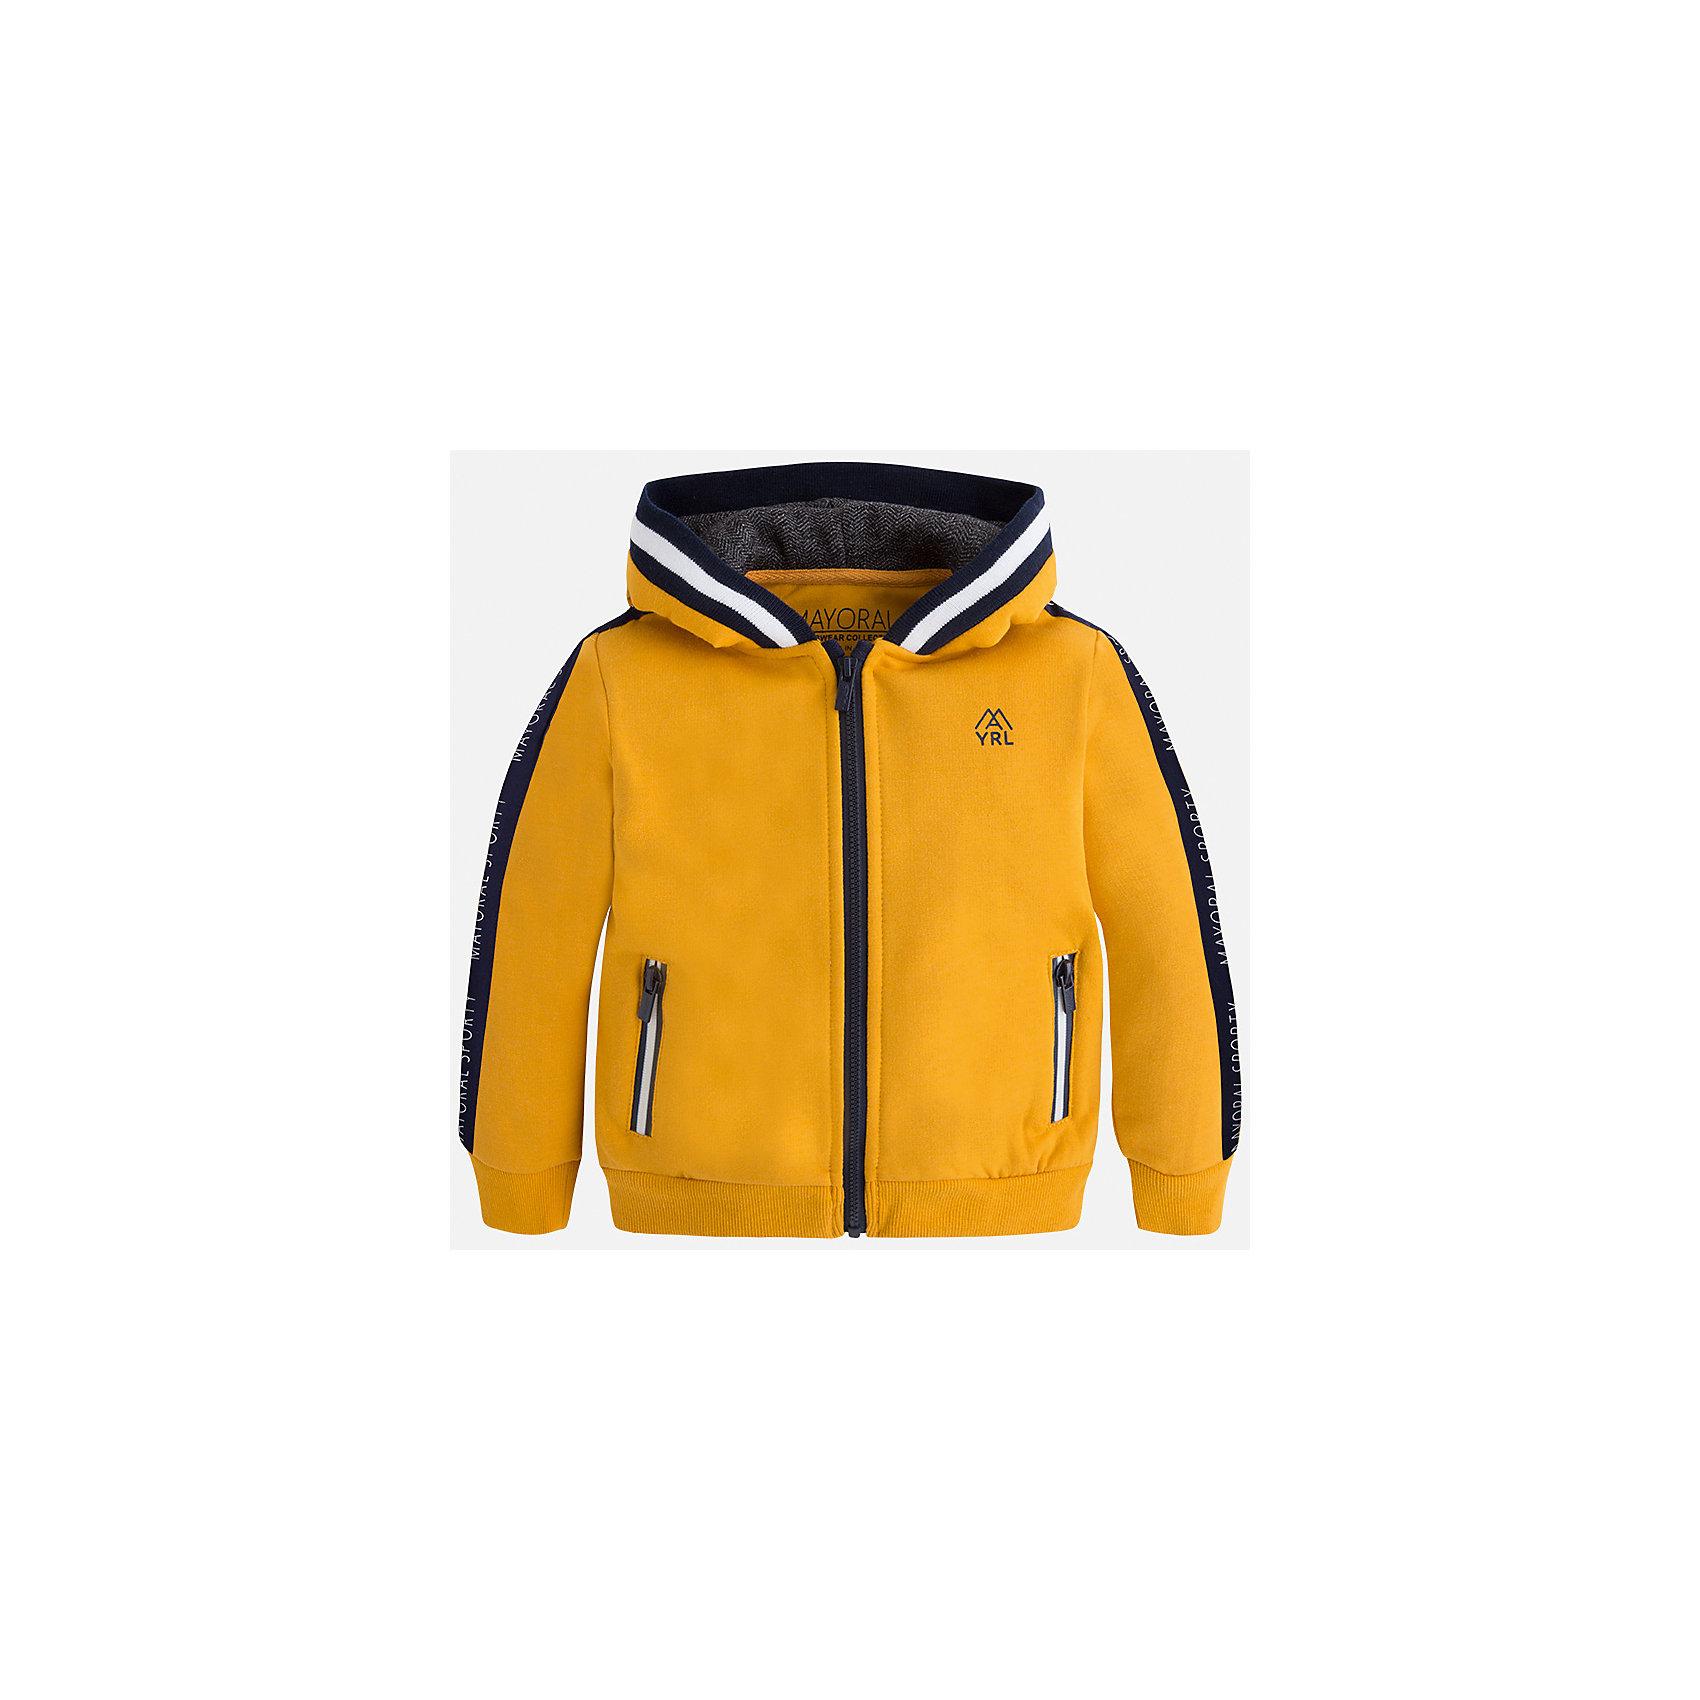 Куртка для мальчика MayoralТолстовки<br>Характеристики товара:<br><br>• цвет: оранжевый<br>• состав ткани: 55% хлопок, 45% полиэстер<br>• сезон: демисезон<br>• особенности толстовки: с манжетами, на молнии<br>• капюшон: без меха, несъемный<br>• застежка: молния<br>• страна бренда: Испания<br>• страна изготовитель: Индия<br><br>Яркая детская толстовка подойдет для прохладной погоды. Отличный способ обеспечить ребенку тепло и комфорт - надеть теплую толстовку от Mayoral. Детская толстовка сшита из приятного на ощупь материала. Толстовка для мальчика Mayoral дополнена удобным капюшоном. <br><br>Толстовку для мальчика Mayoral (Майорал) можно купить в нашем интернет-магазине.<br><br>Ширина мм: 356<br>Глубина мм: 10<br>Высота мм: 245<br>Вес г: 519<br>Цвет: оранжевый<br>Возраст от месяцев: 18<br>Возраст до месяцев: 24<br>Пол: Мужской<br>Возраст: Детский<br>Размер: 92,98,104,110,116,122,128,134<br>SKU: 6932766